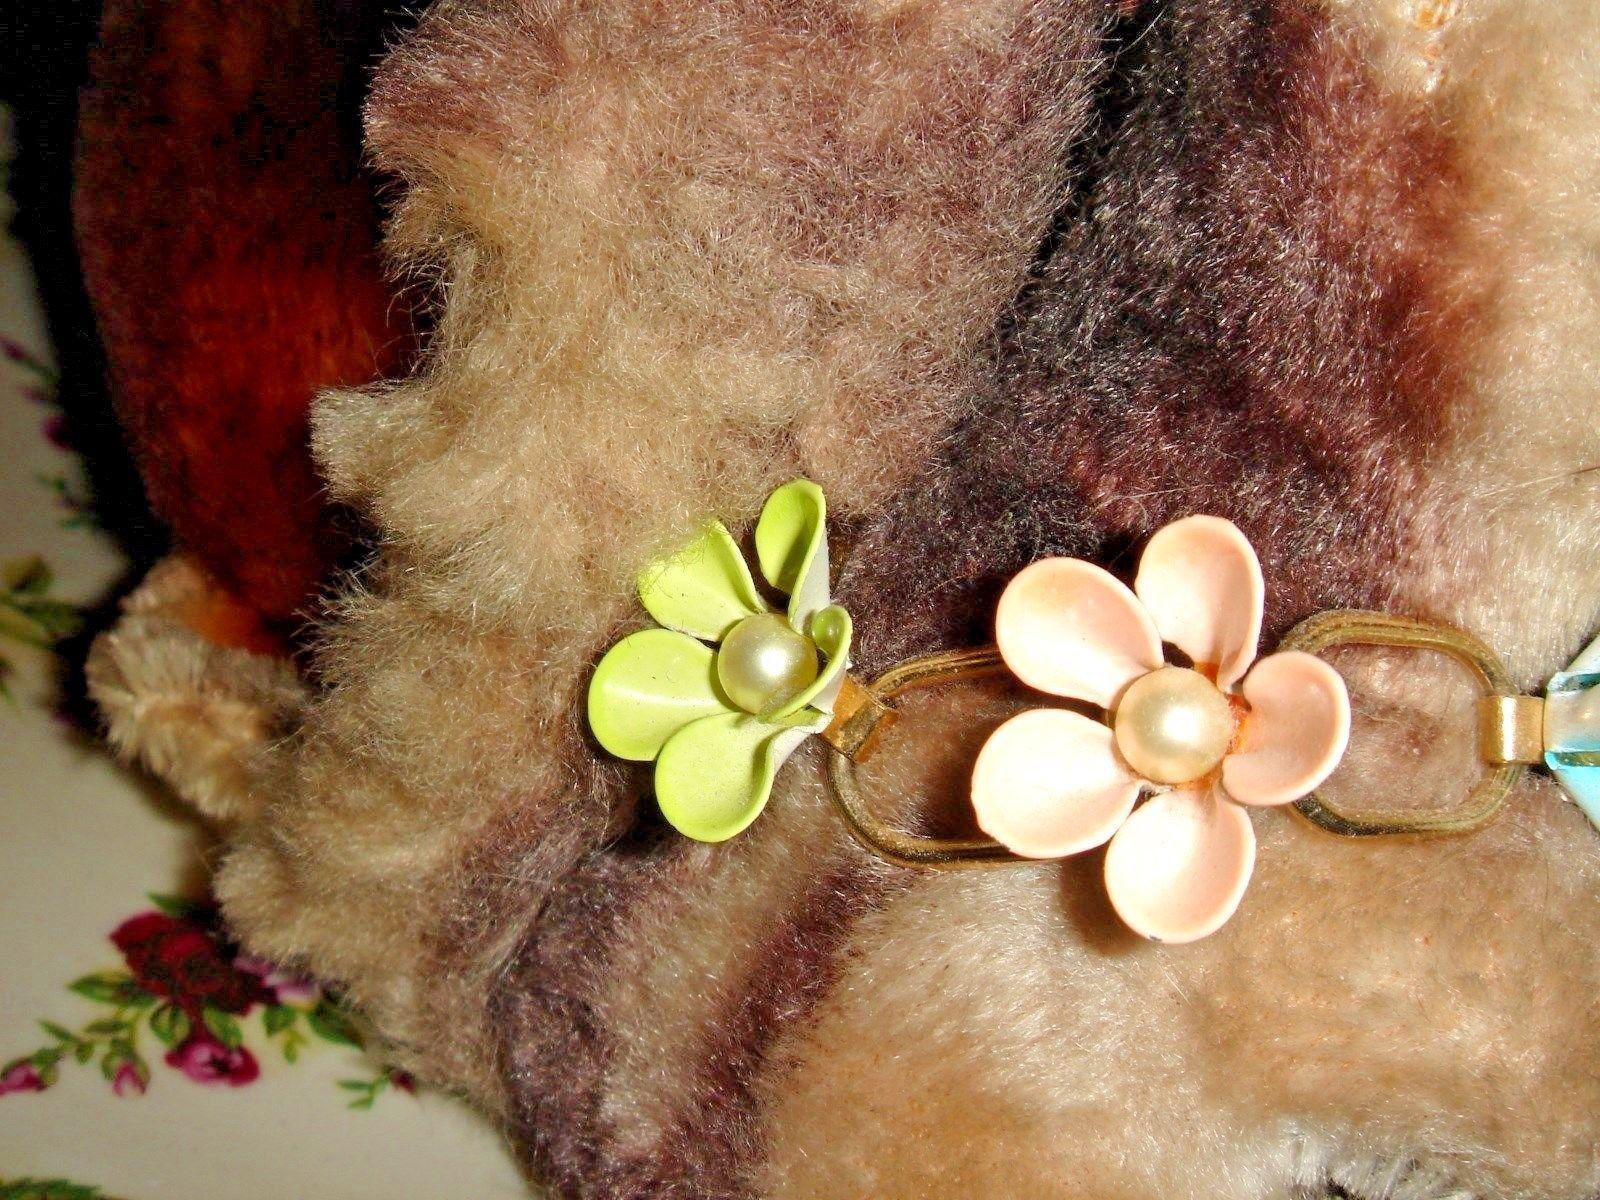 VTG ENAMEL FAUX PEARL FLOWER BRACELET WREATH BROOCH DANGLE DROP EARRING SET 3pc!